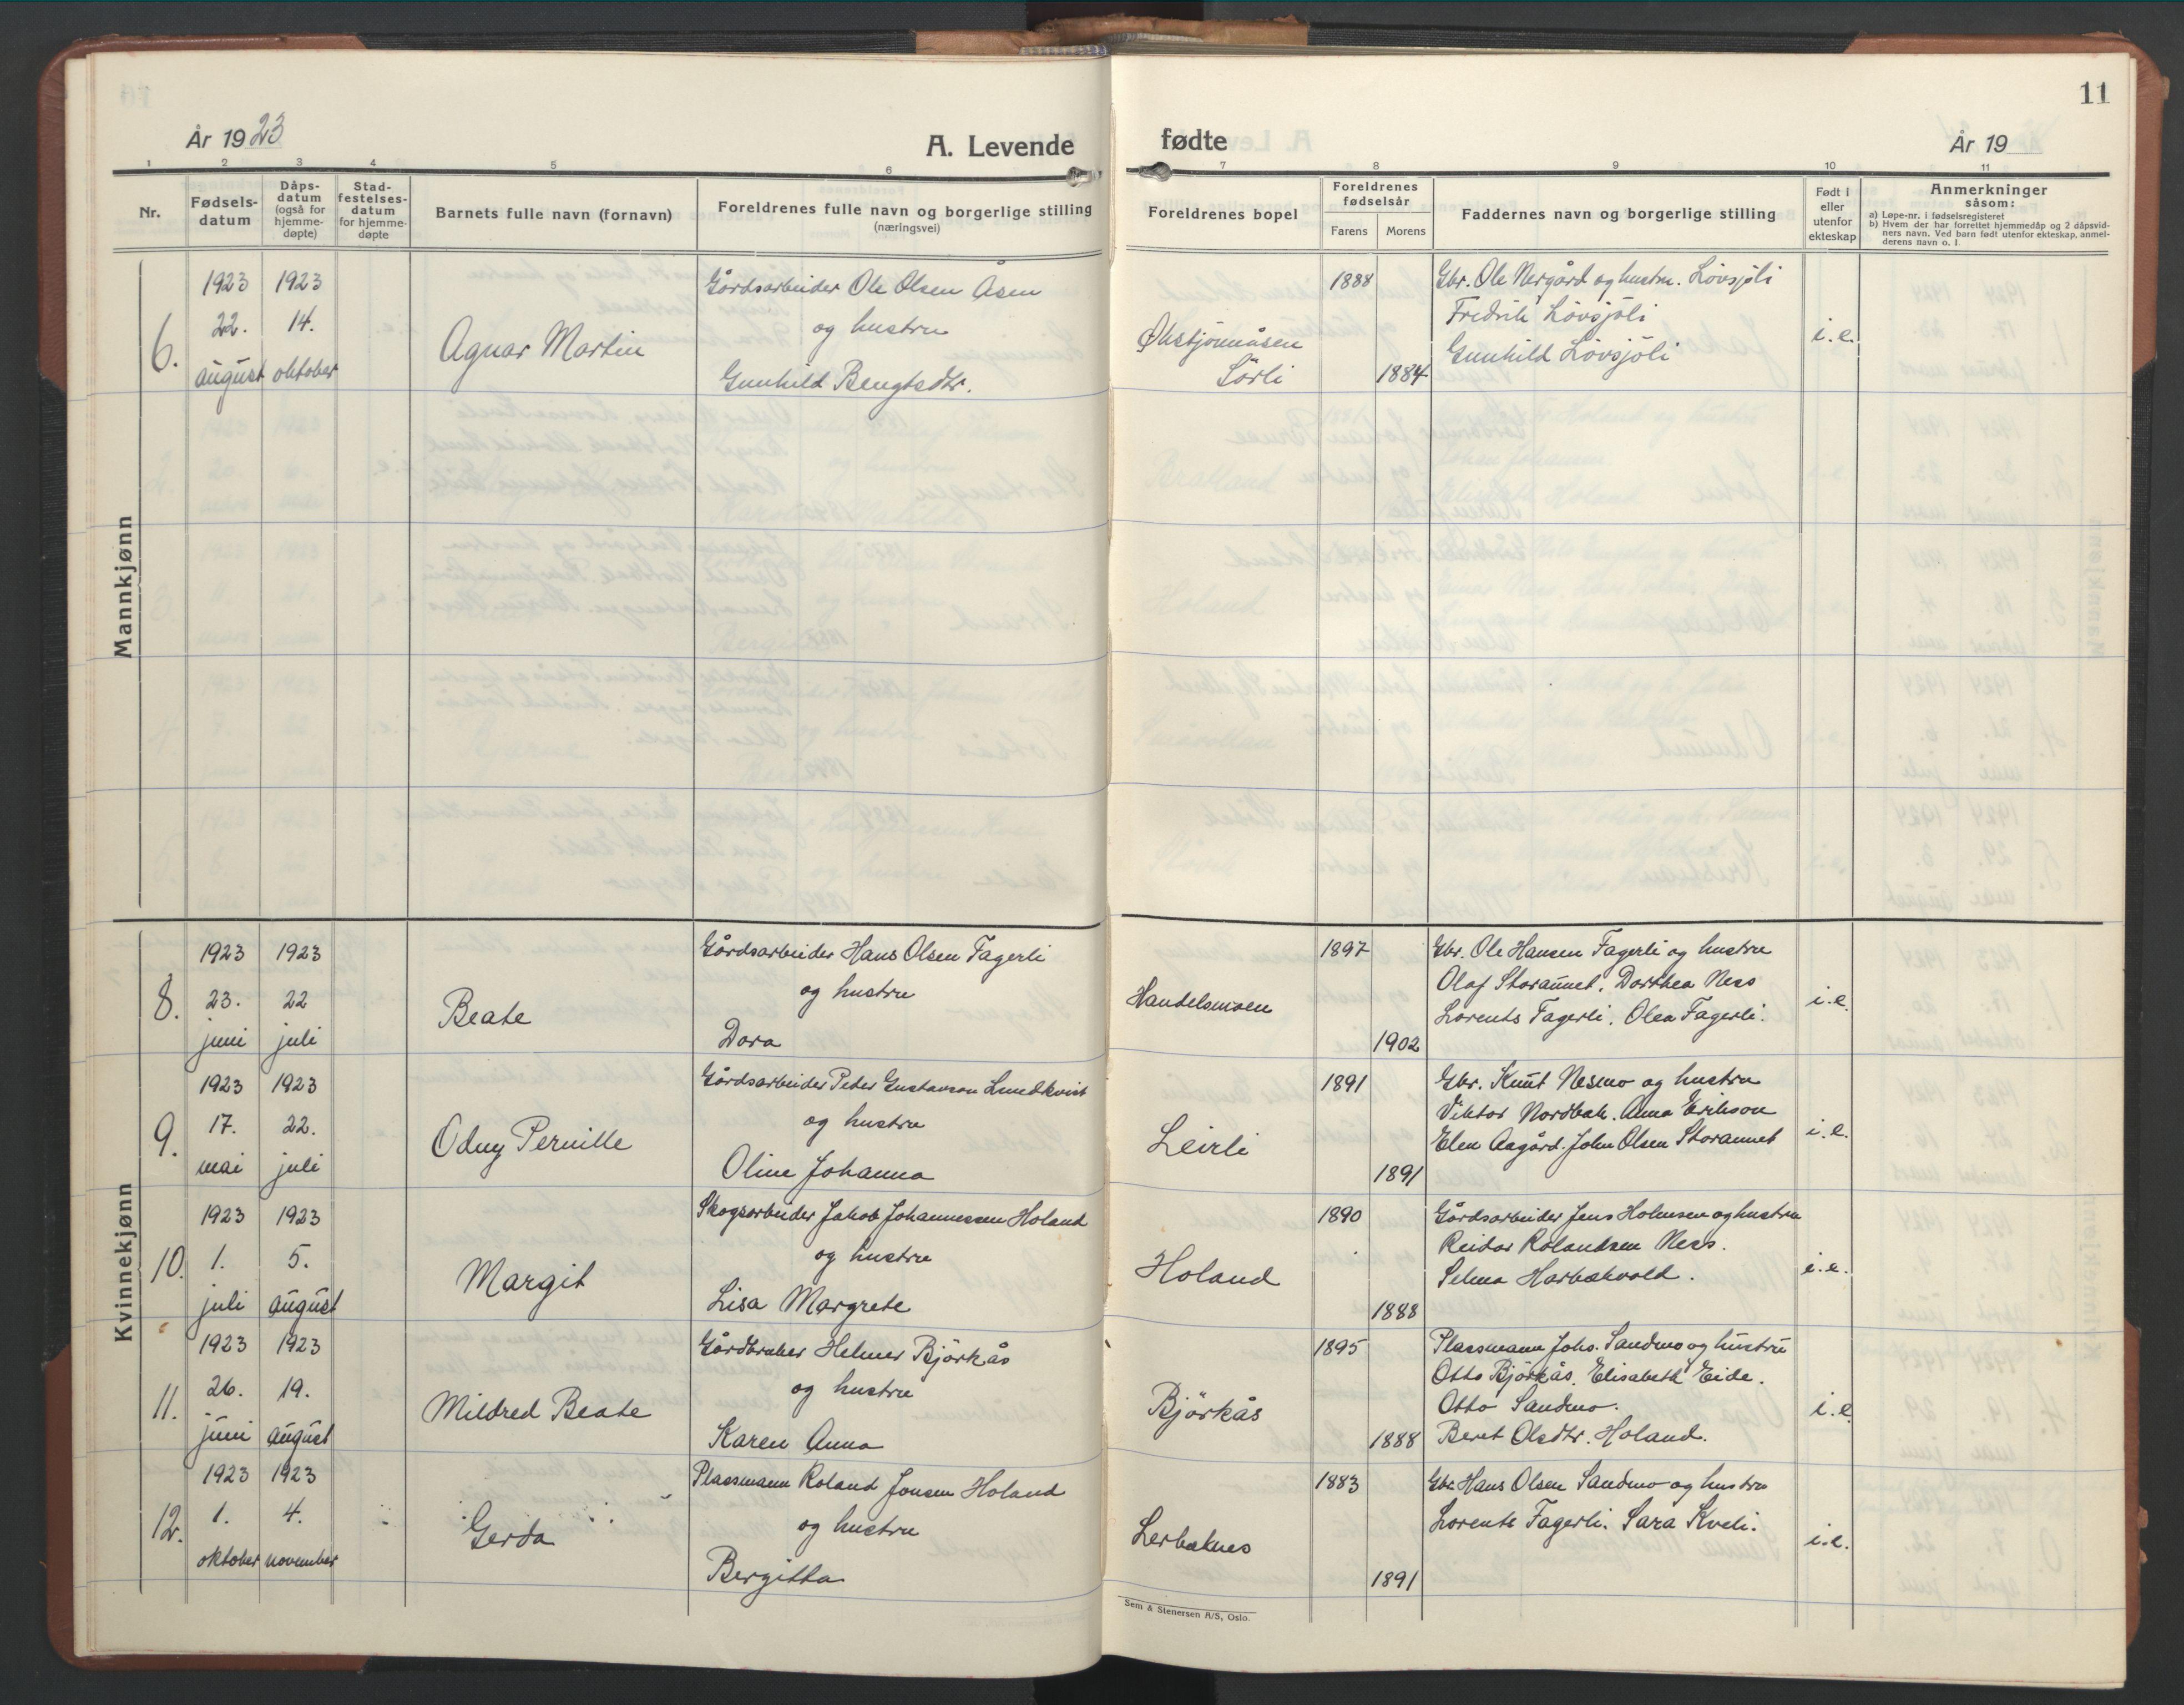 SAT, Ministerialprotokoller, klokkerbøker og fødselsregistre - Nord-Trøndelag, 755/L0500: Klokkerbok nr. 755C01, 1920-1962, s. 11